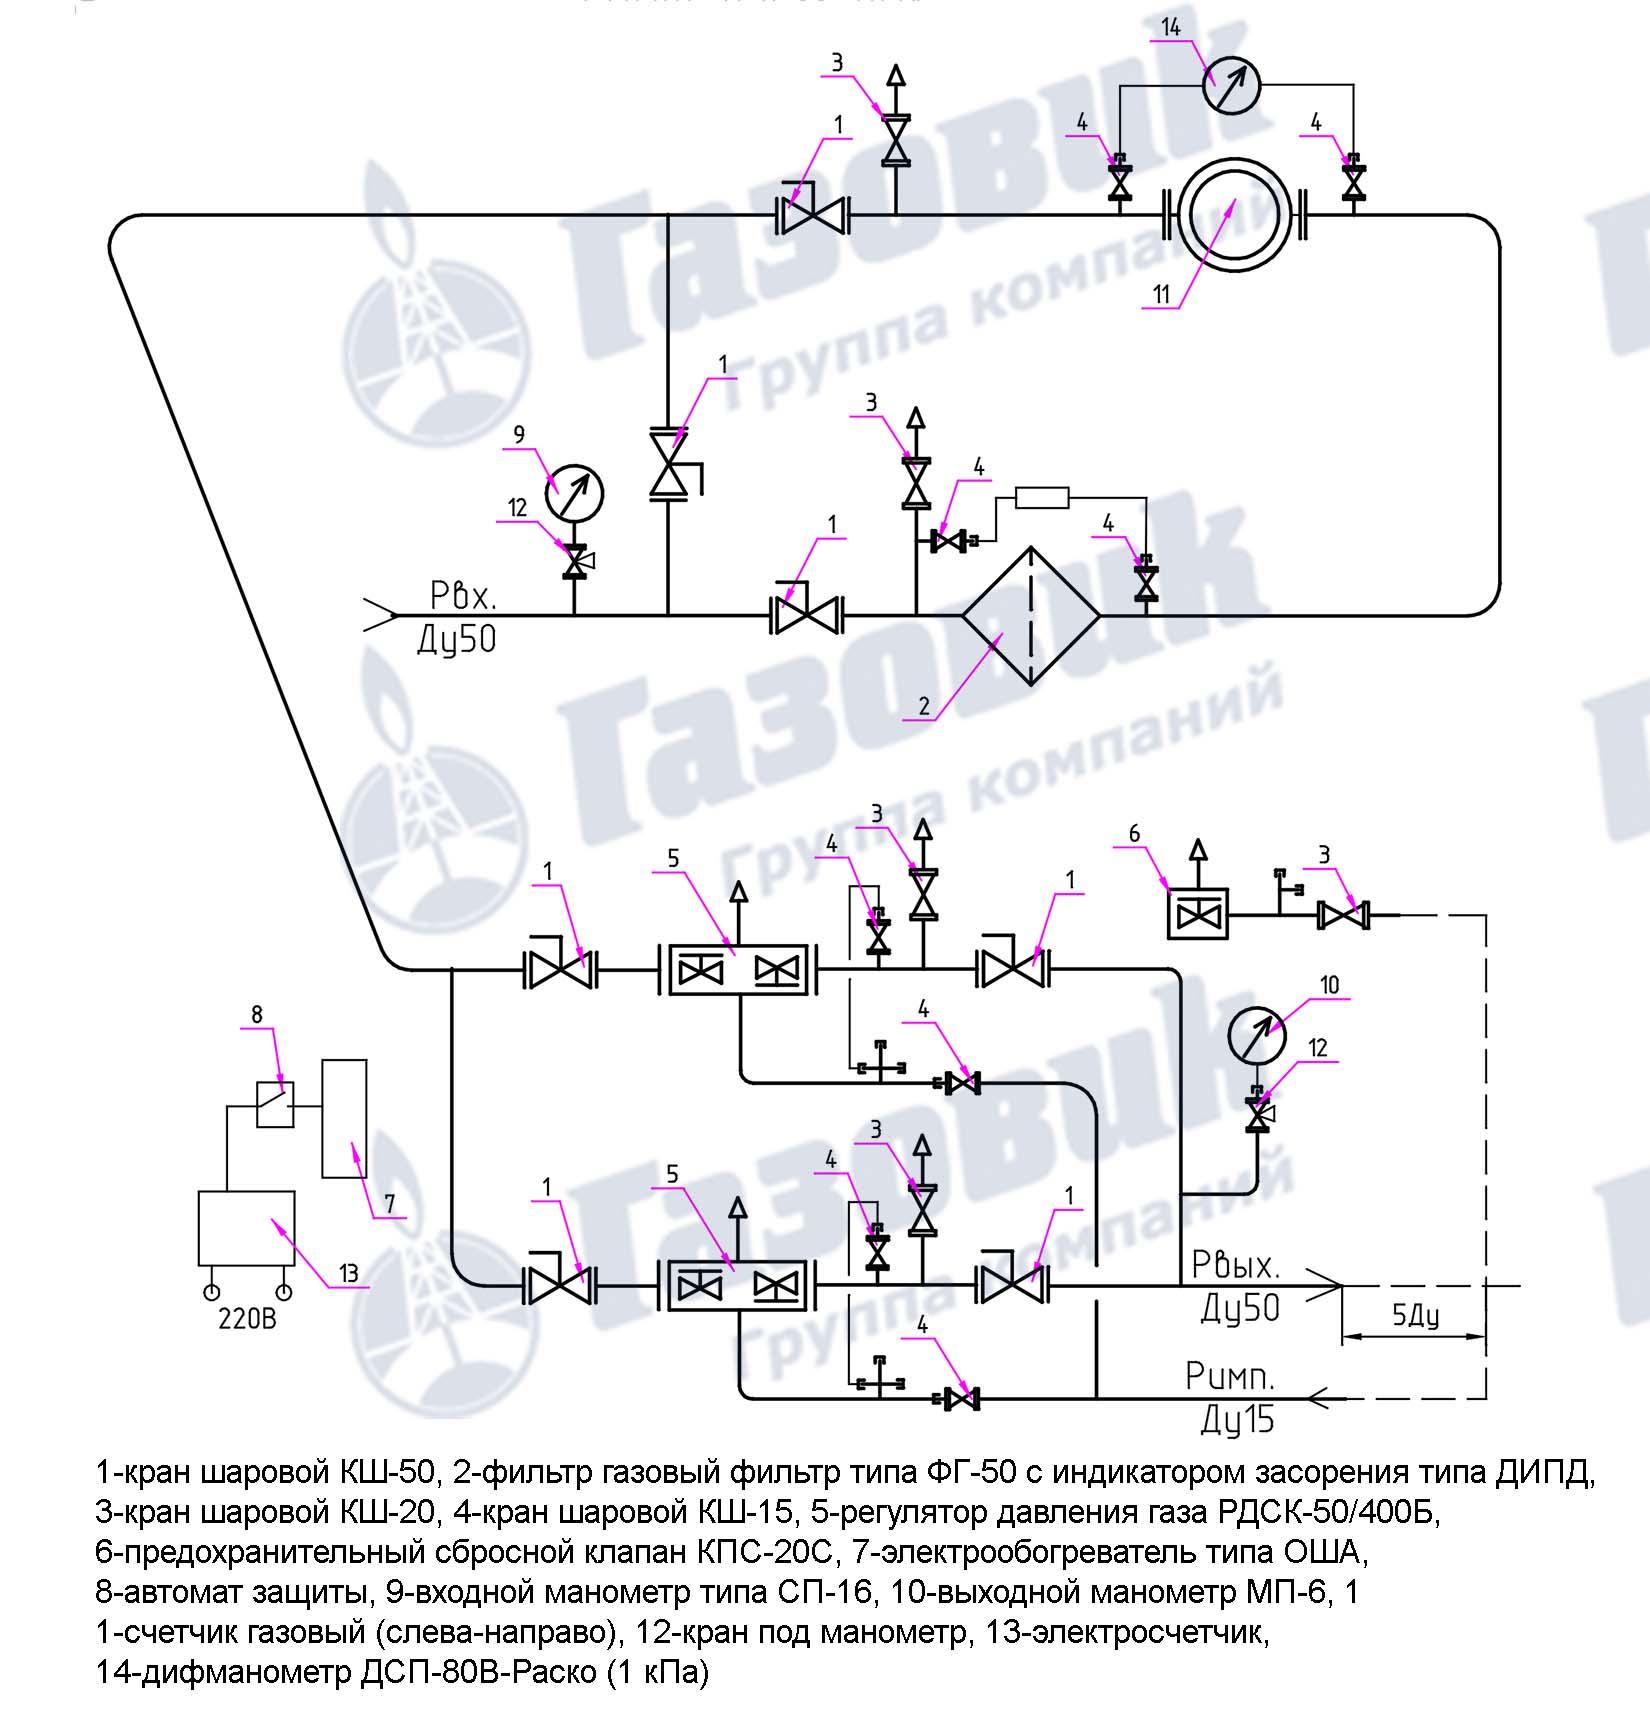 функциональная схема грпб-13 с измерительным комплексом